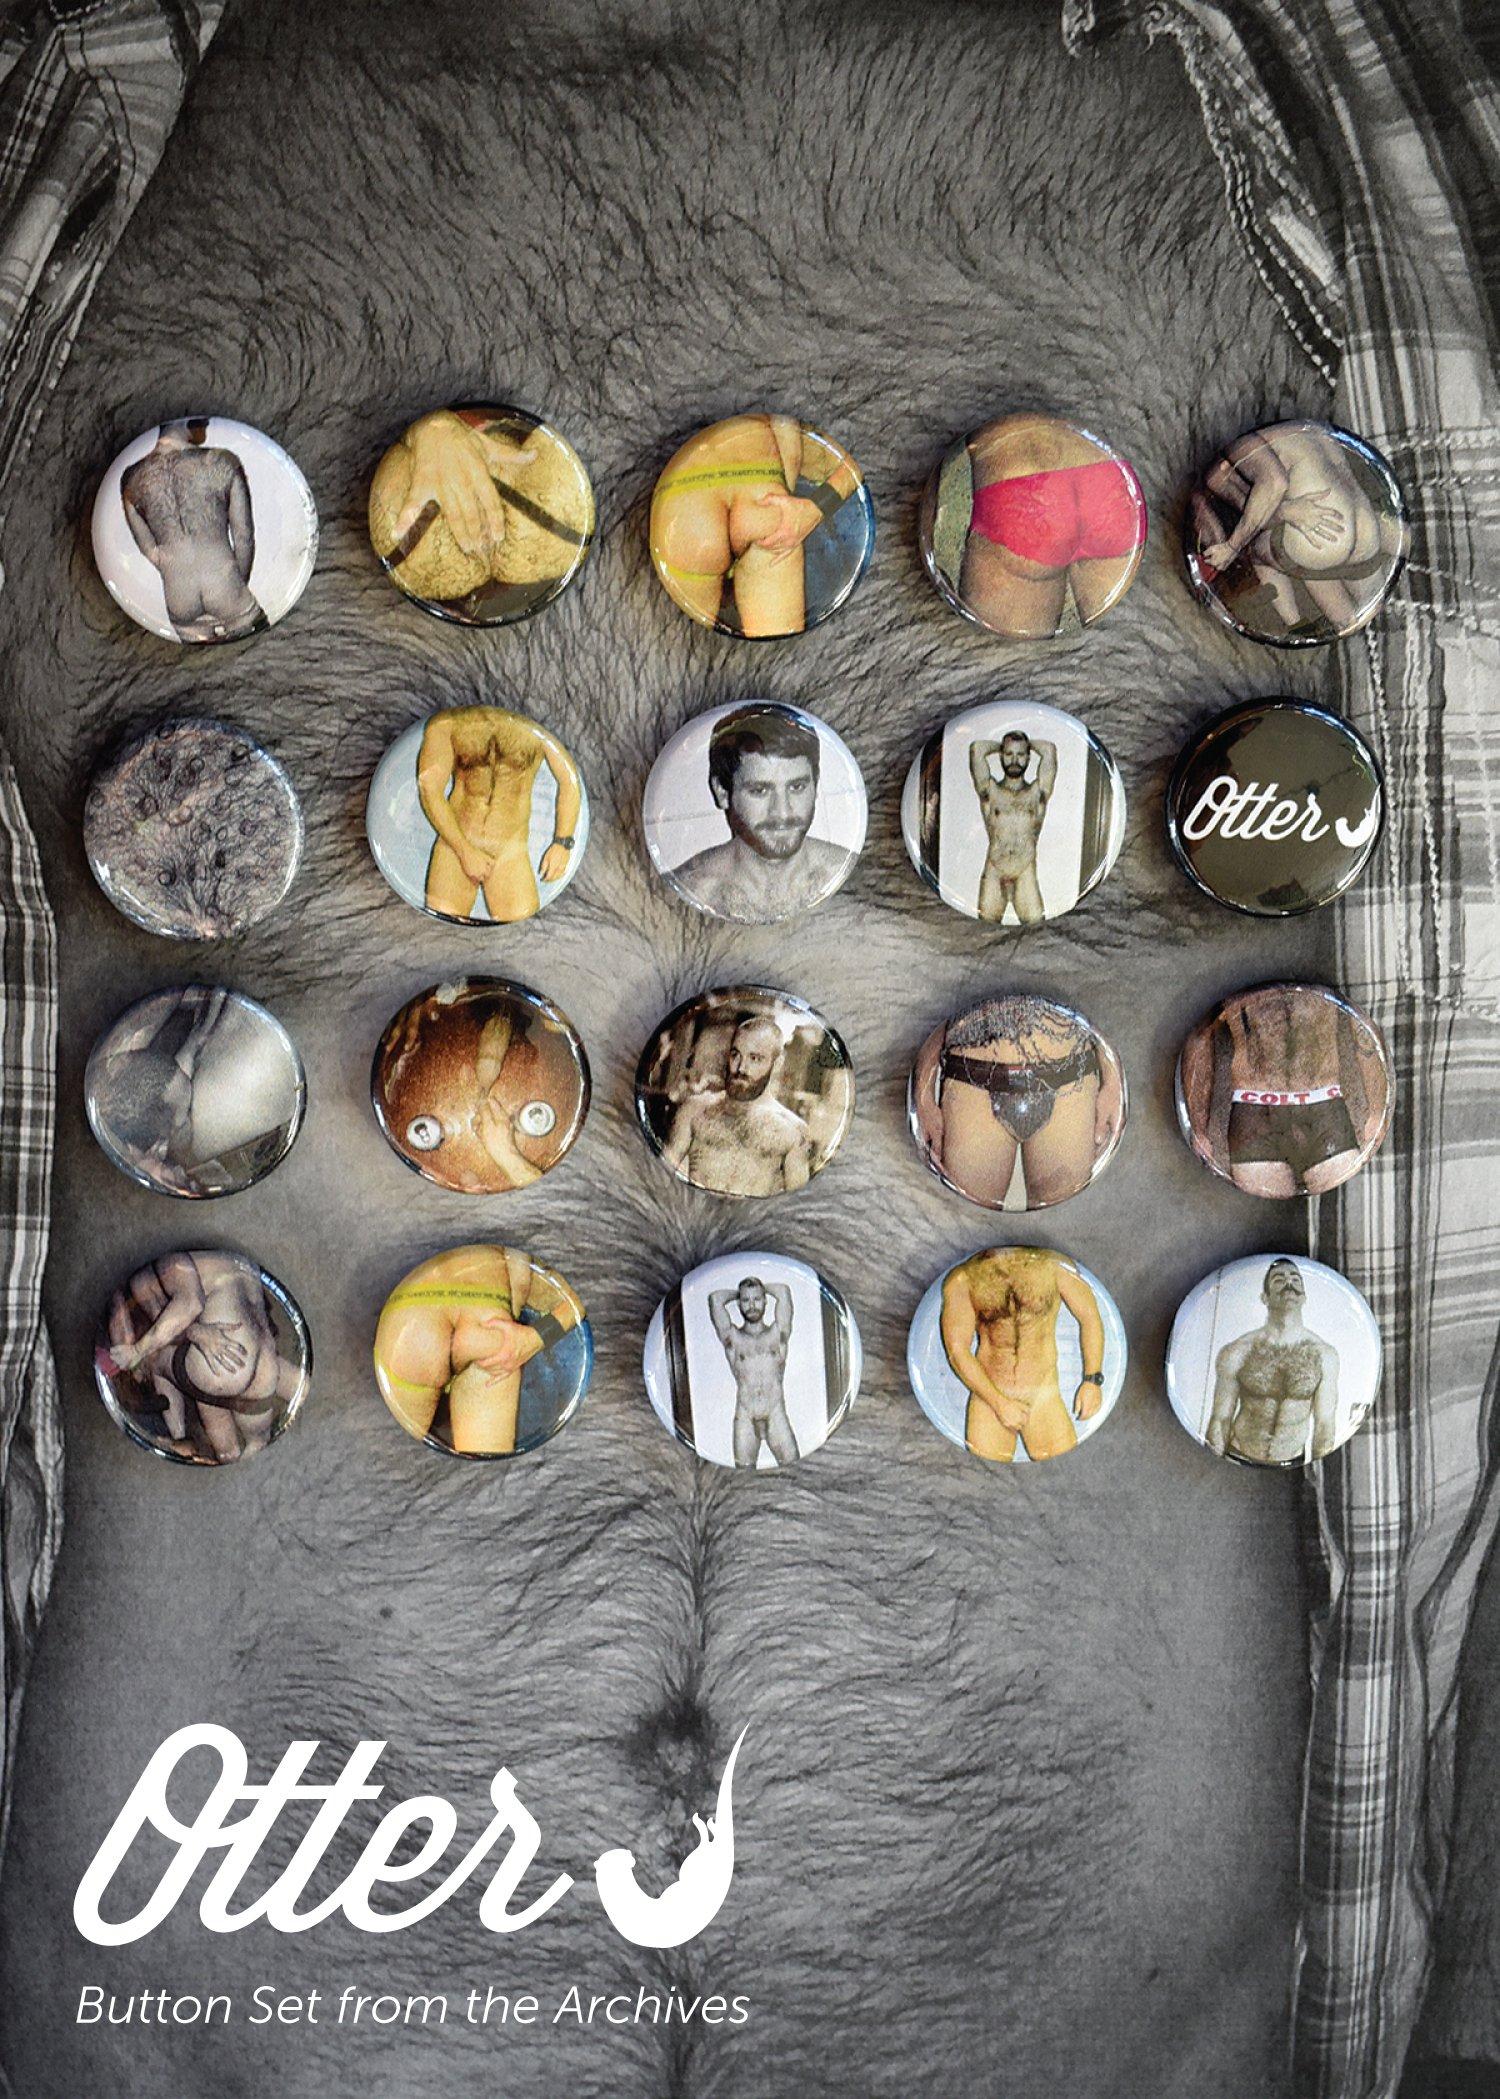 Image of Otterj Button Set